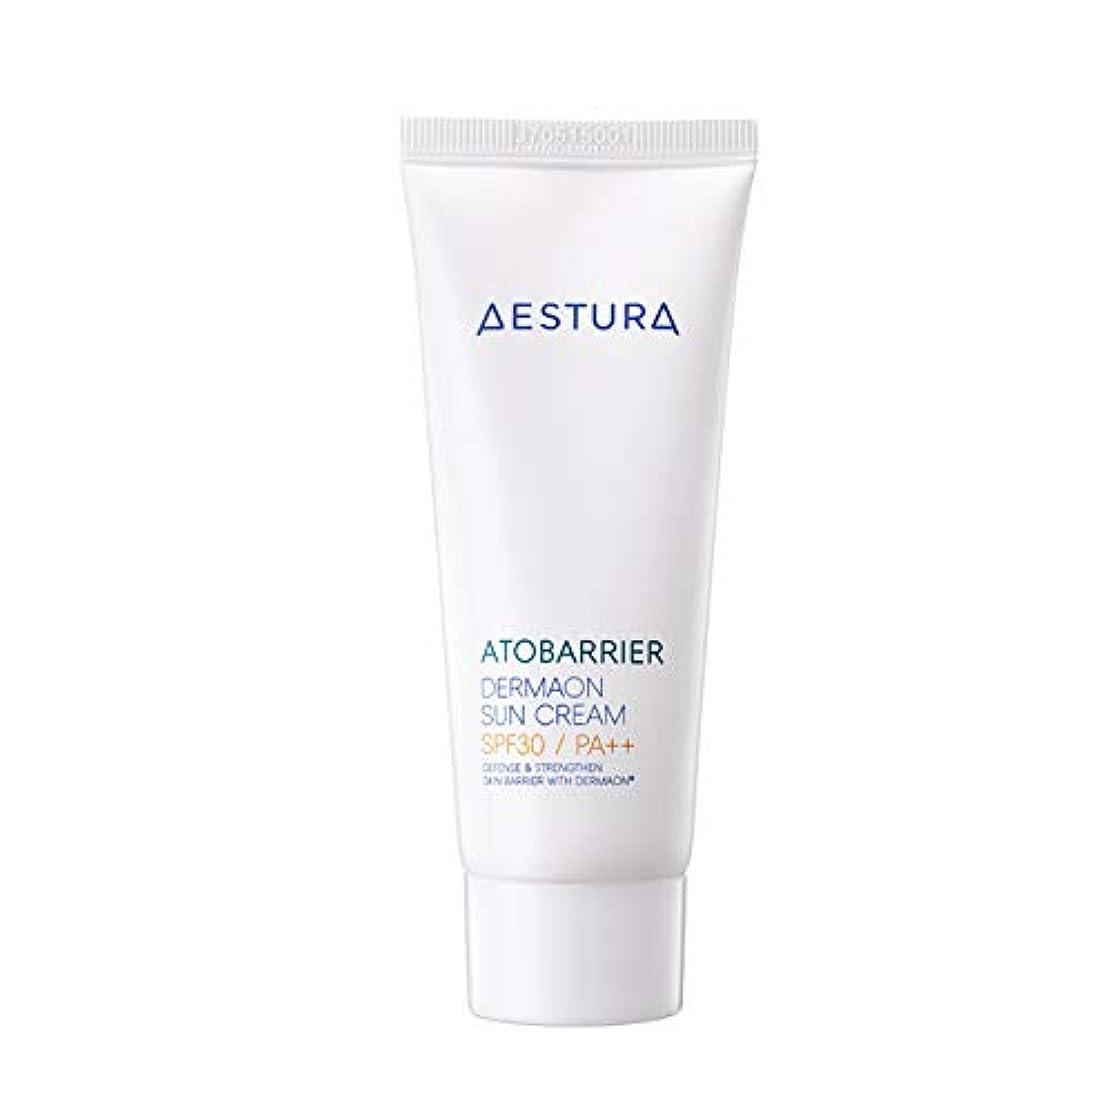 ビジネス酸素実現可能AESTURA アトバリエ ダーマオン サンクリーム 60ml,SPF30 / PA++ Atobarrier Dermaon Sun Cream